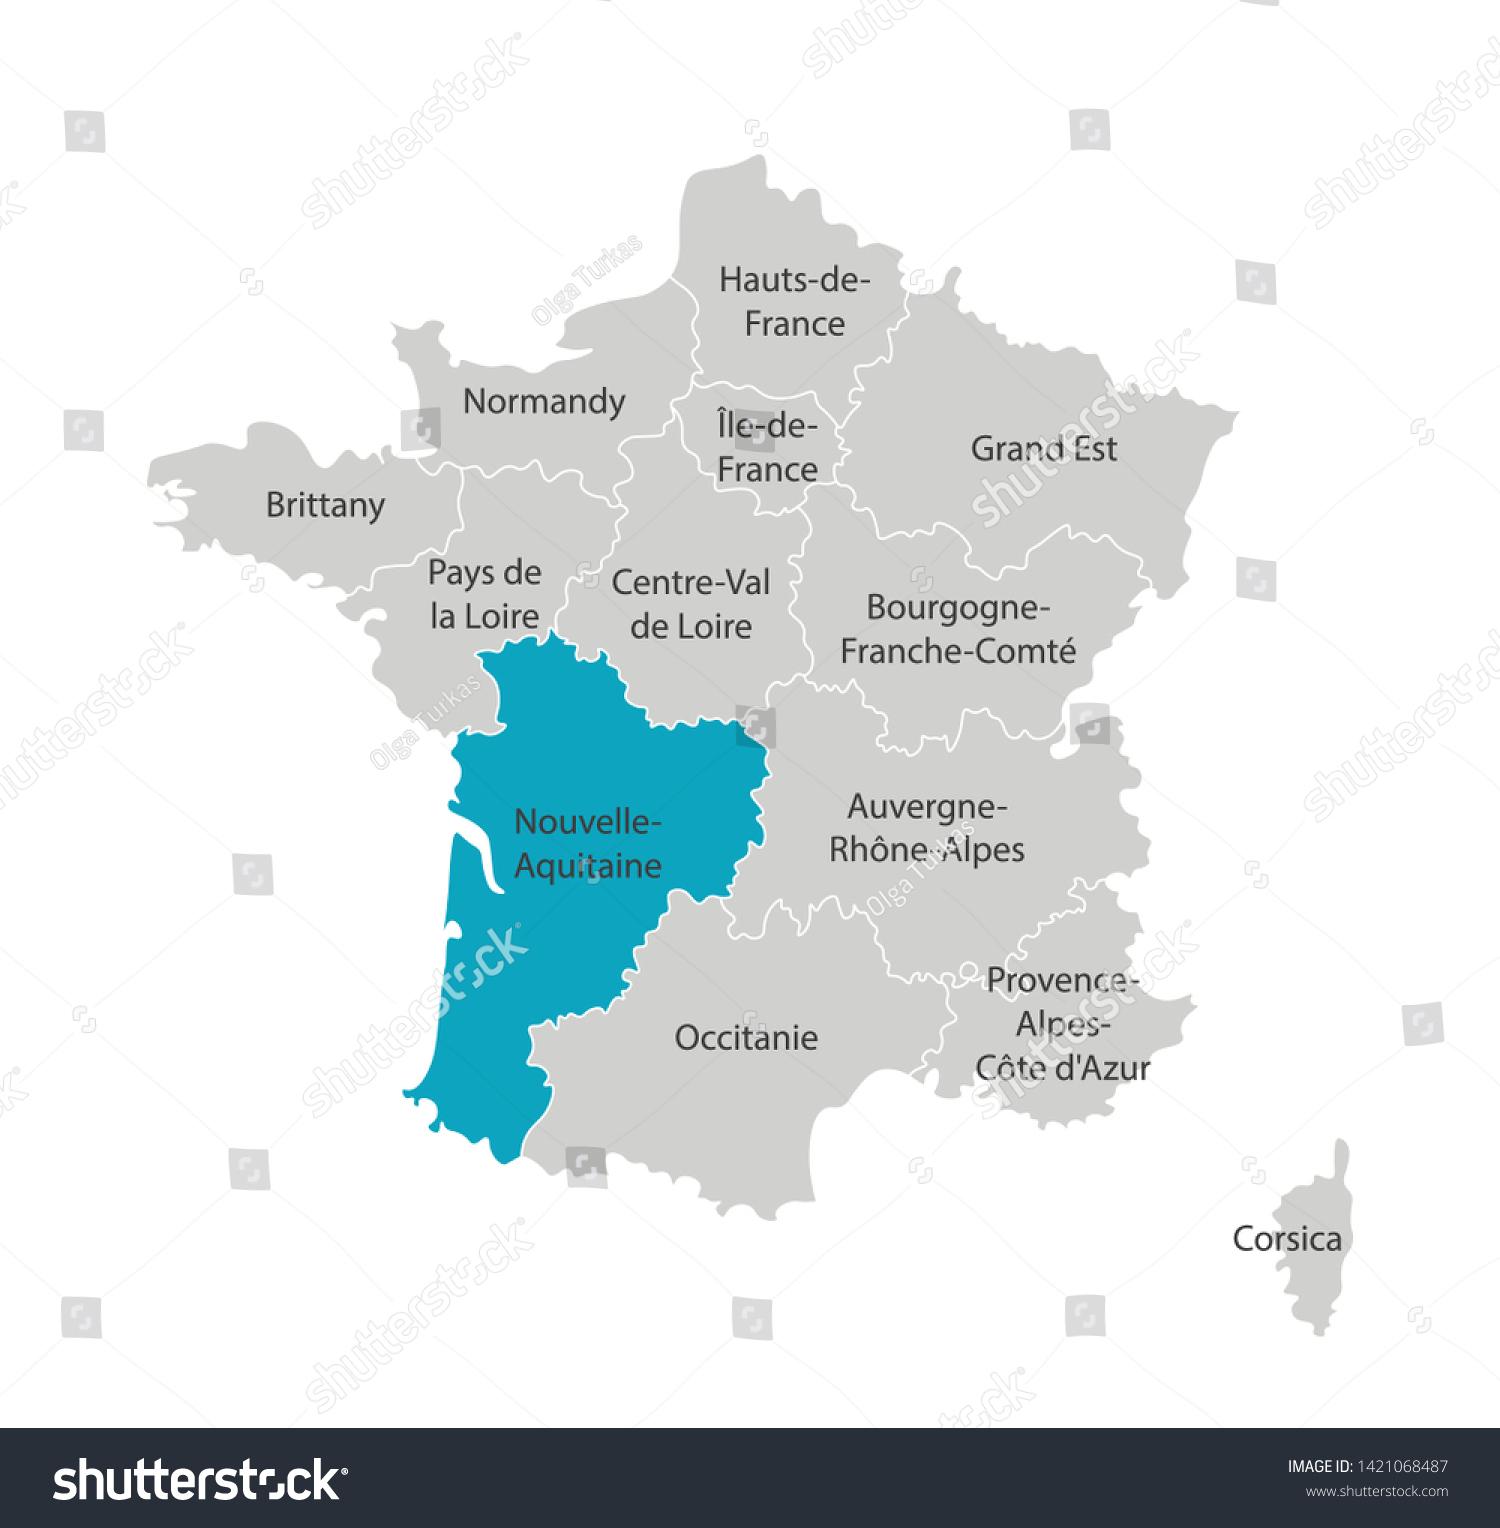 Image Vectorielle De Stock De Image Vectorielle Isolée à Nouvelle Carte Des Régions De France